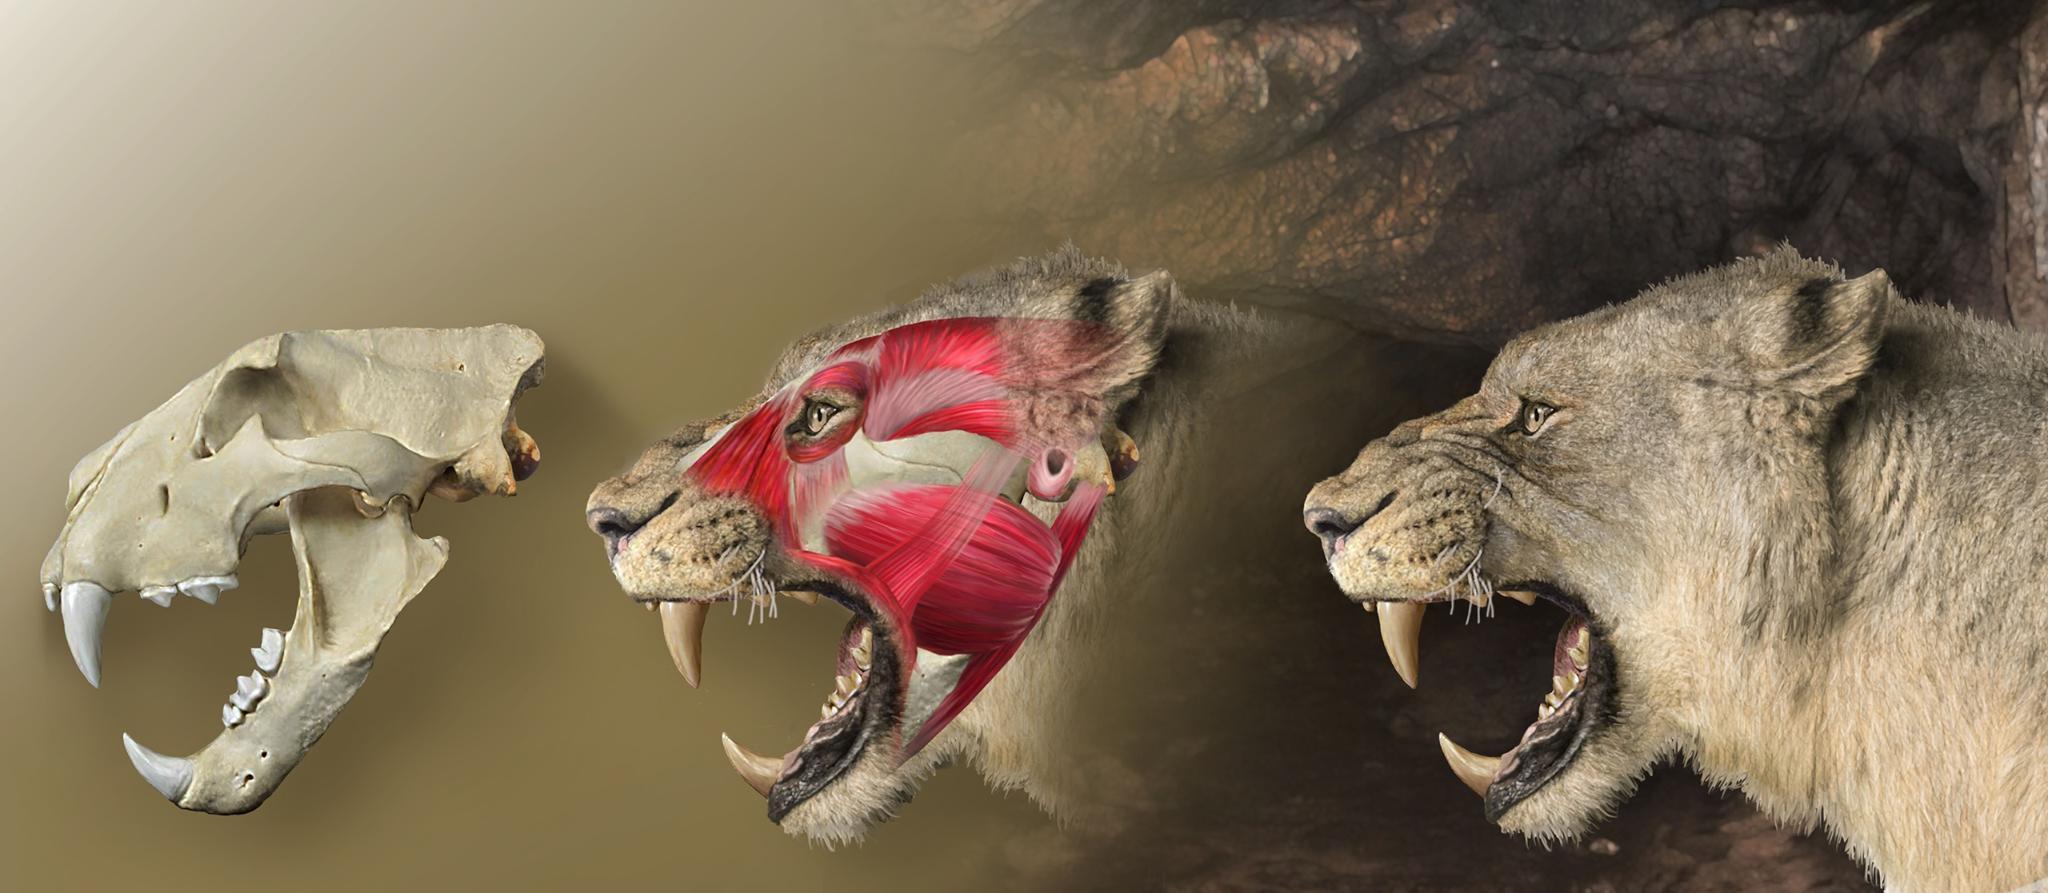 Пещерные львы ни с кем не скрещивались